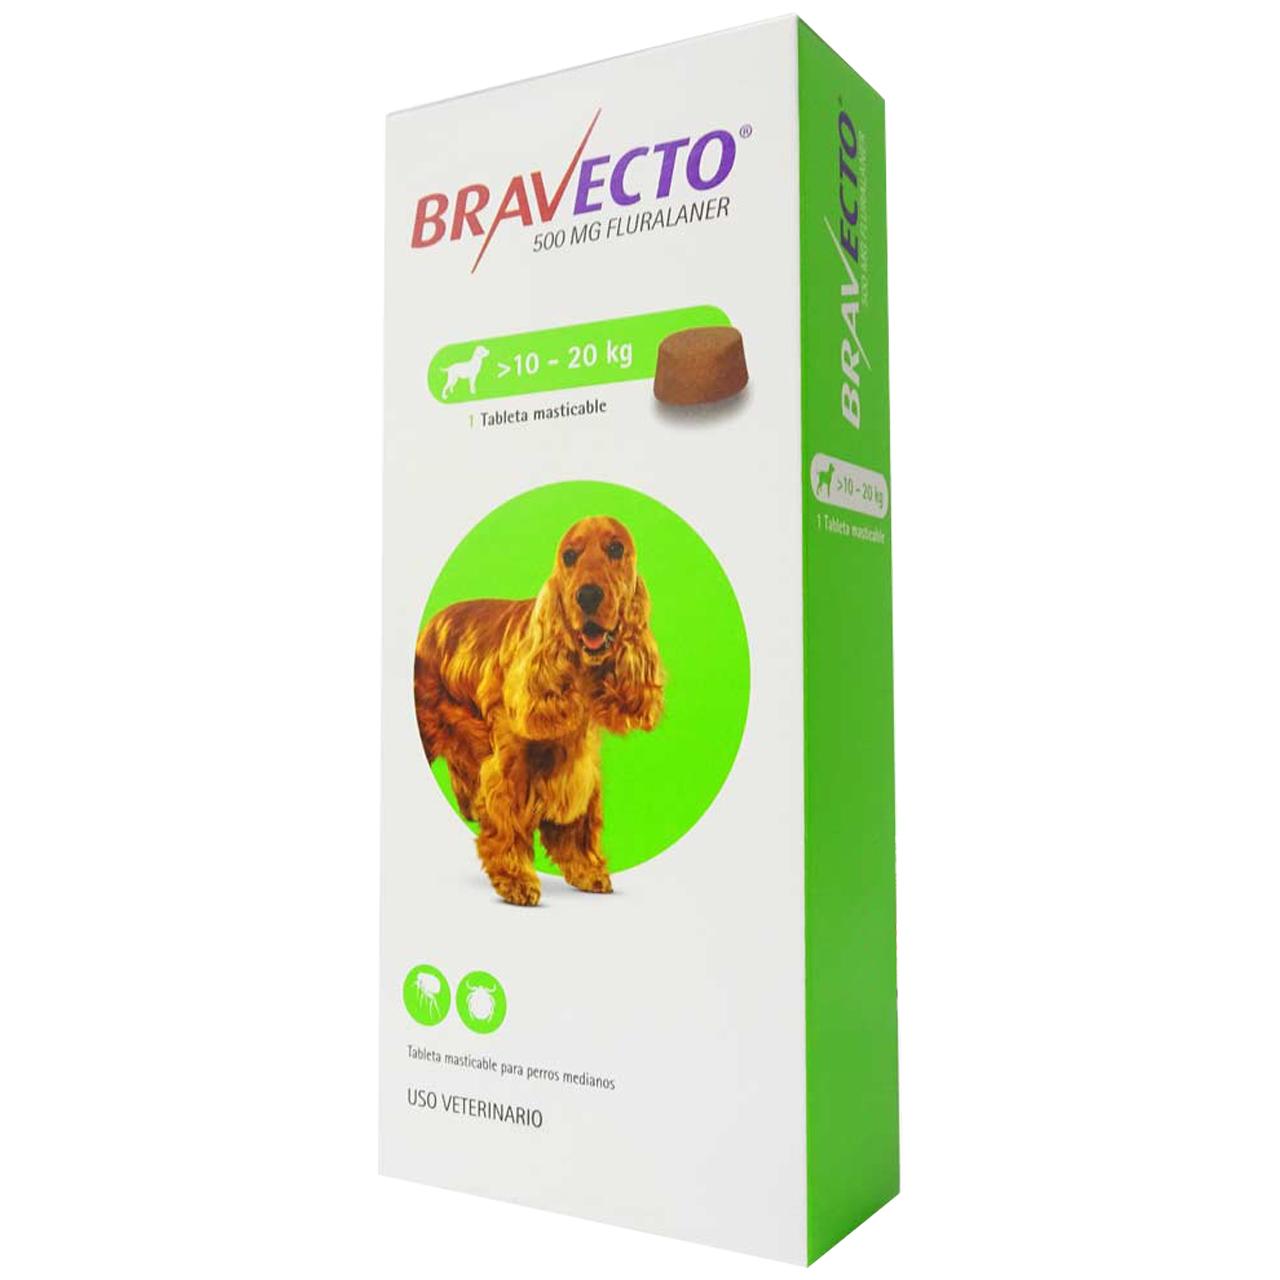 Antiparasitario-Bravecto-10kg-20kg-Msd.jpg